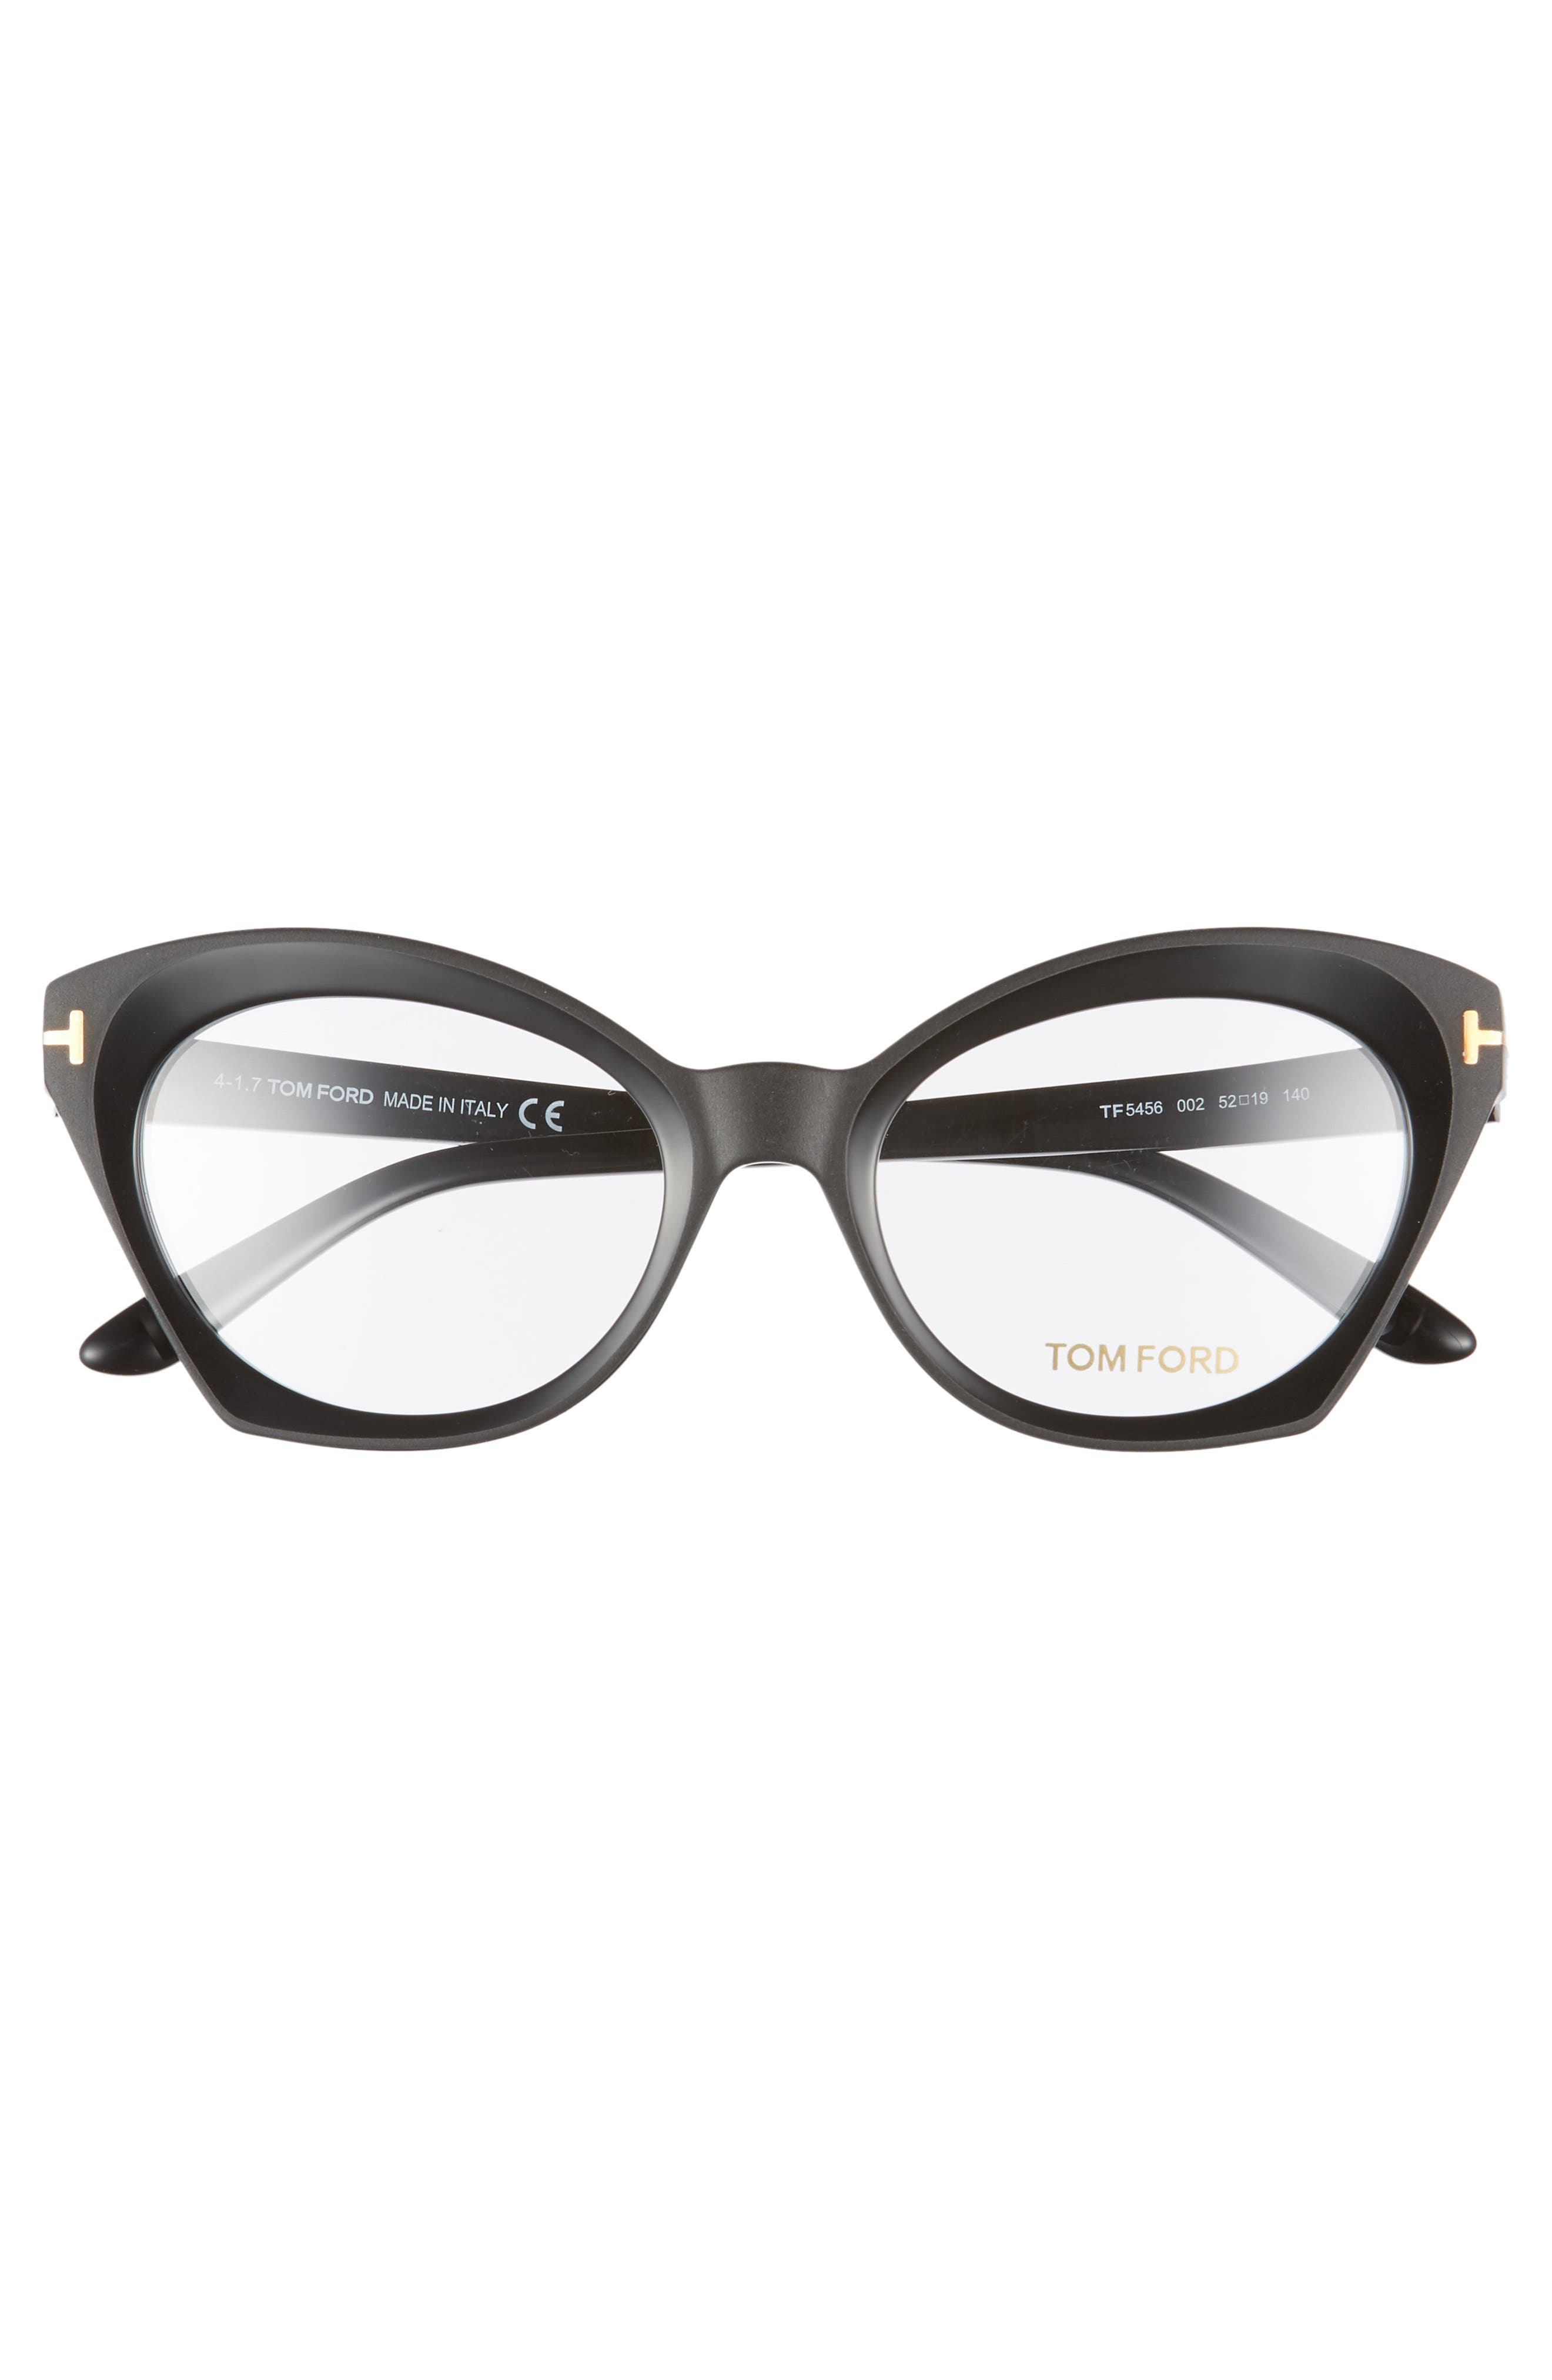 52mm Optical Glasses,                             Alternate thumbnail 3, color,                             SHINY BLACK/ SHINY ROSE GOLD